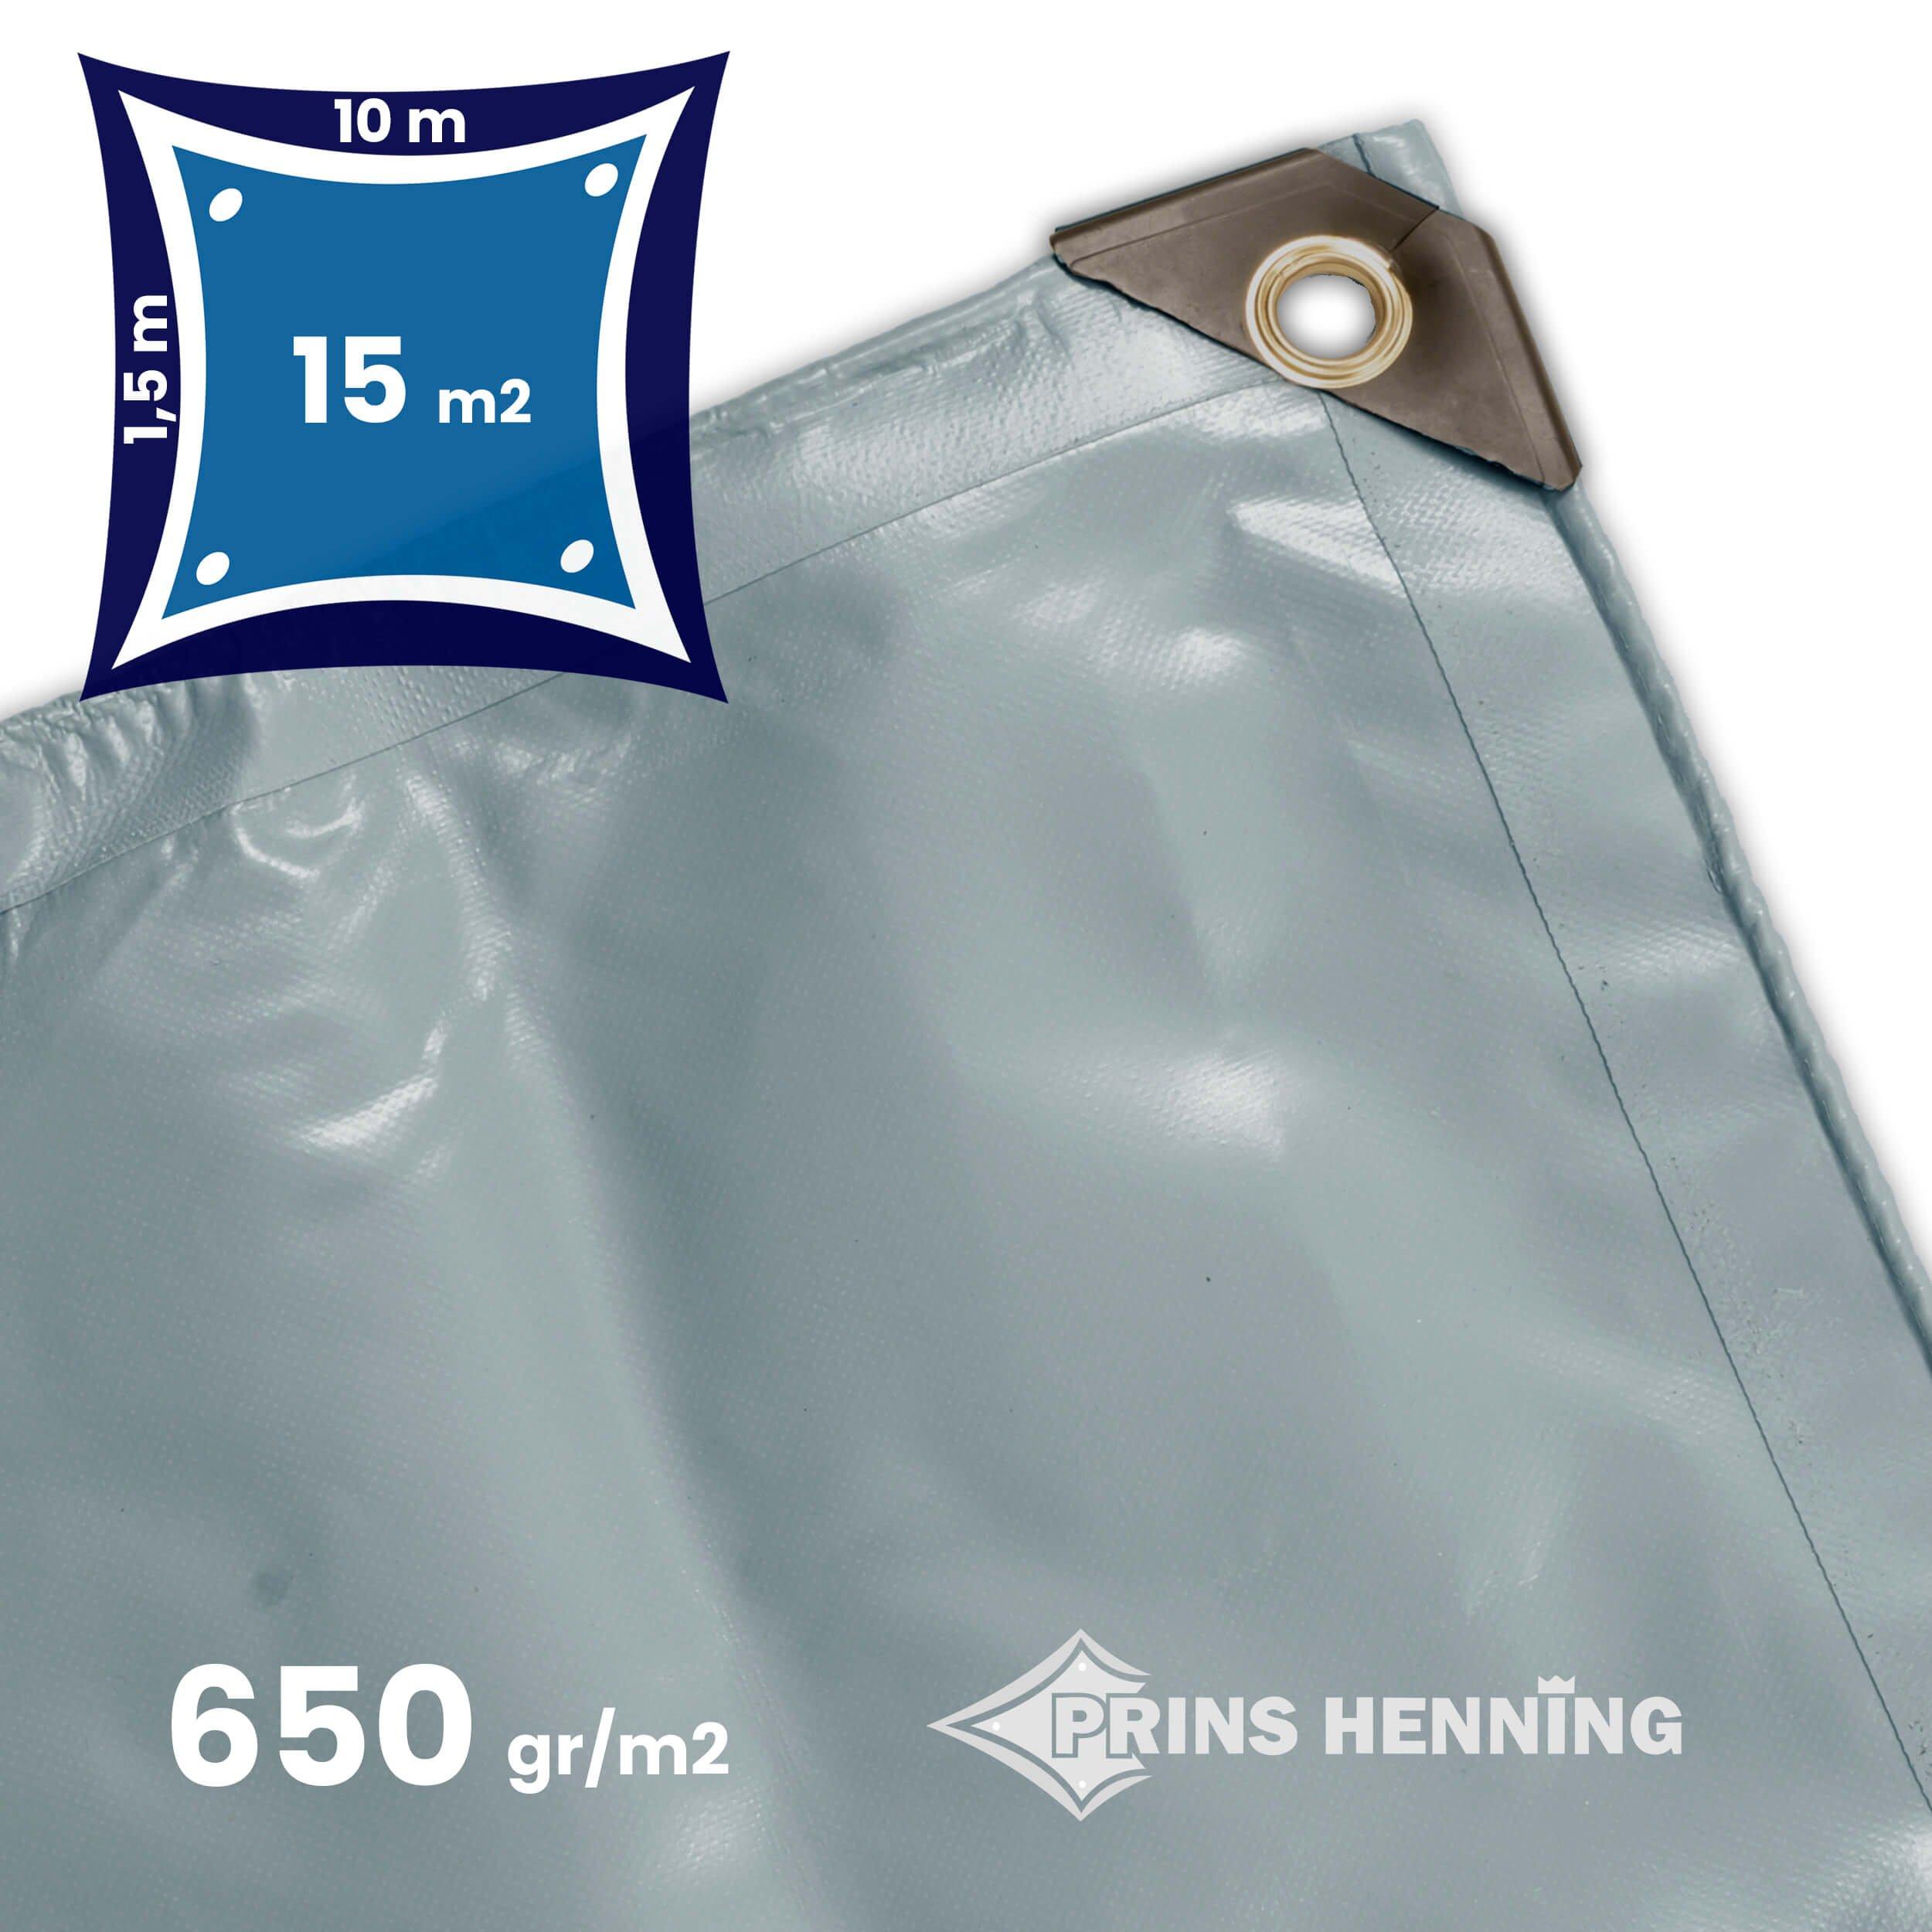 Professionel  presenning, 1,5x10 meter, grå, kraftig kvalitet, 650 gr/m2